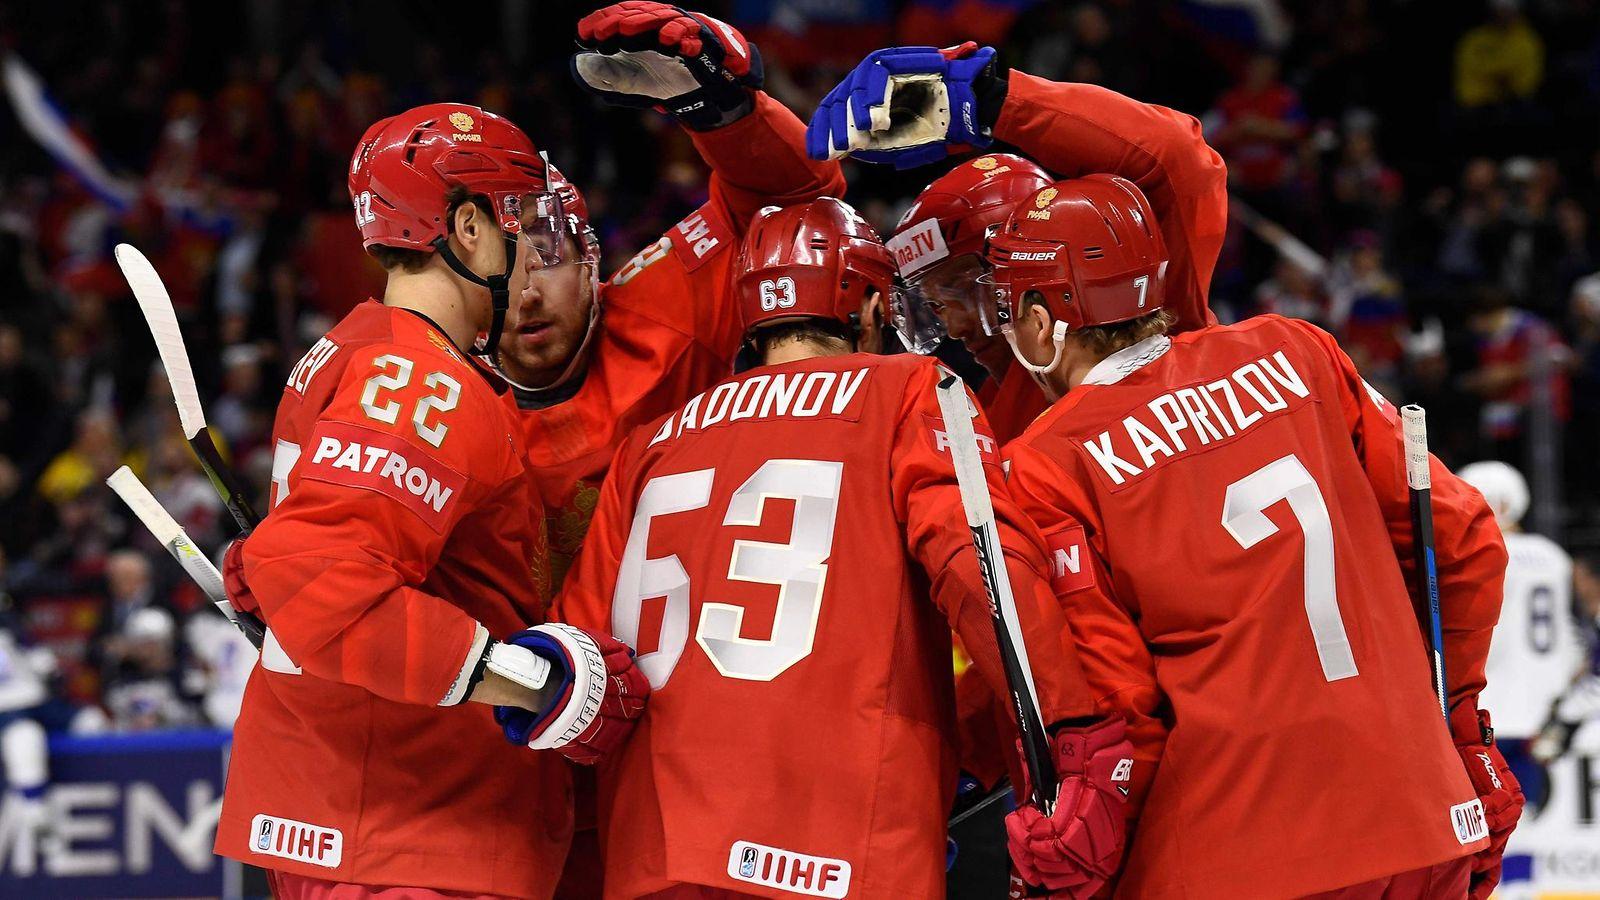 MM-kisat torstaina: Joko Venäjän hämmästyttävä tilasto murenee? - MM-jääkiekko - Sport - MTV.fi